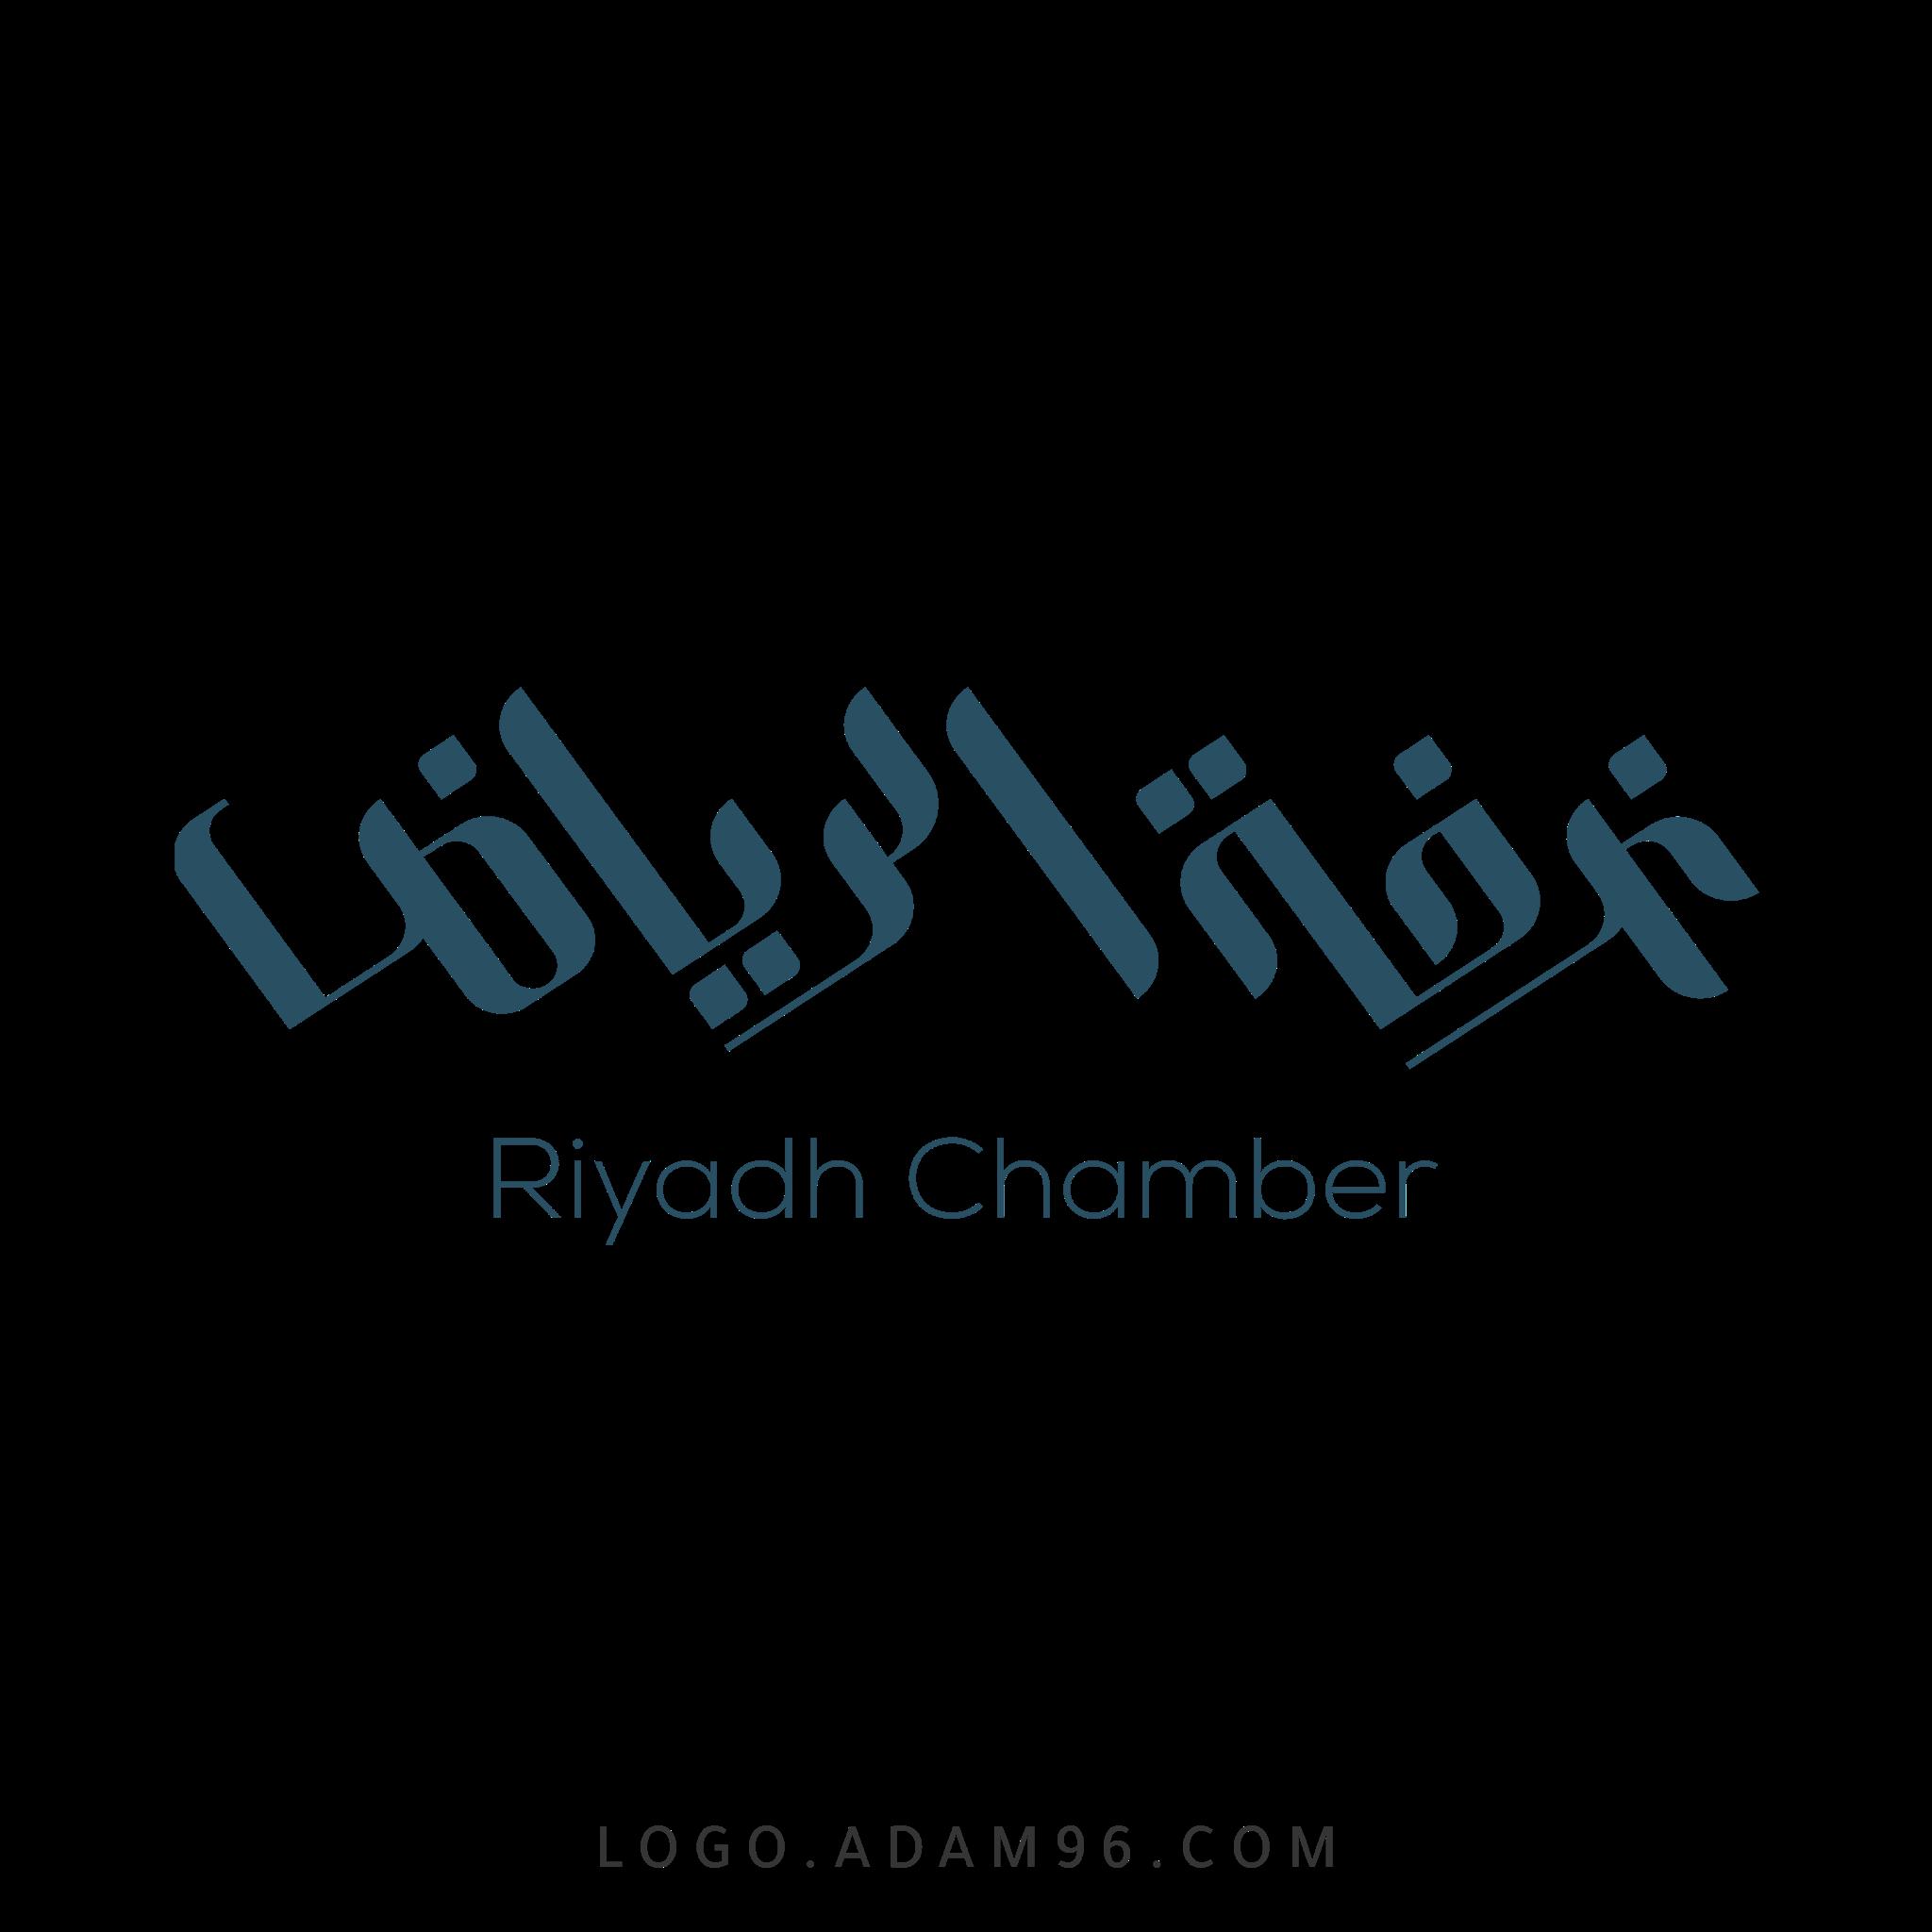 تحميل شعار غرفة الرياض الرسمي عالي الجودة بصيغة PNG - شعارات تجارية